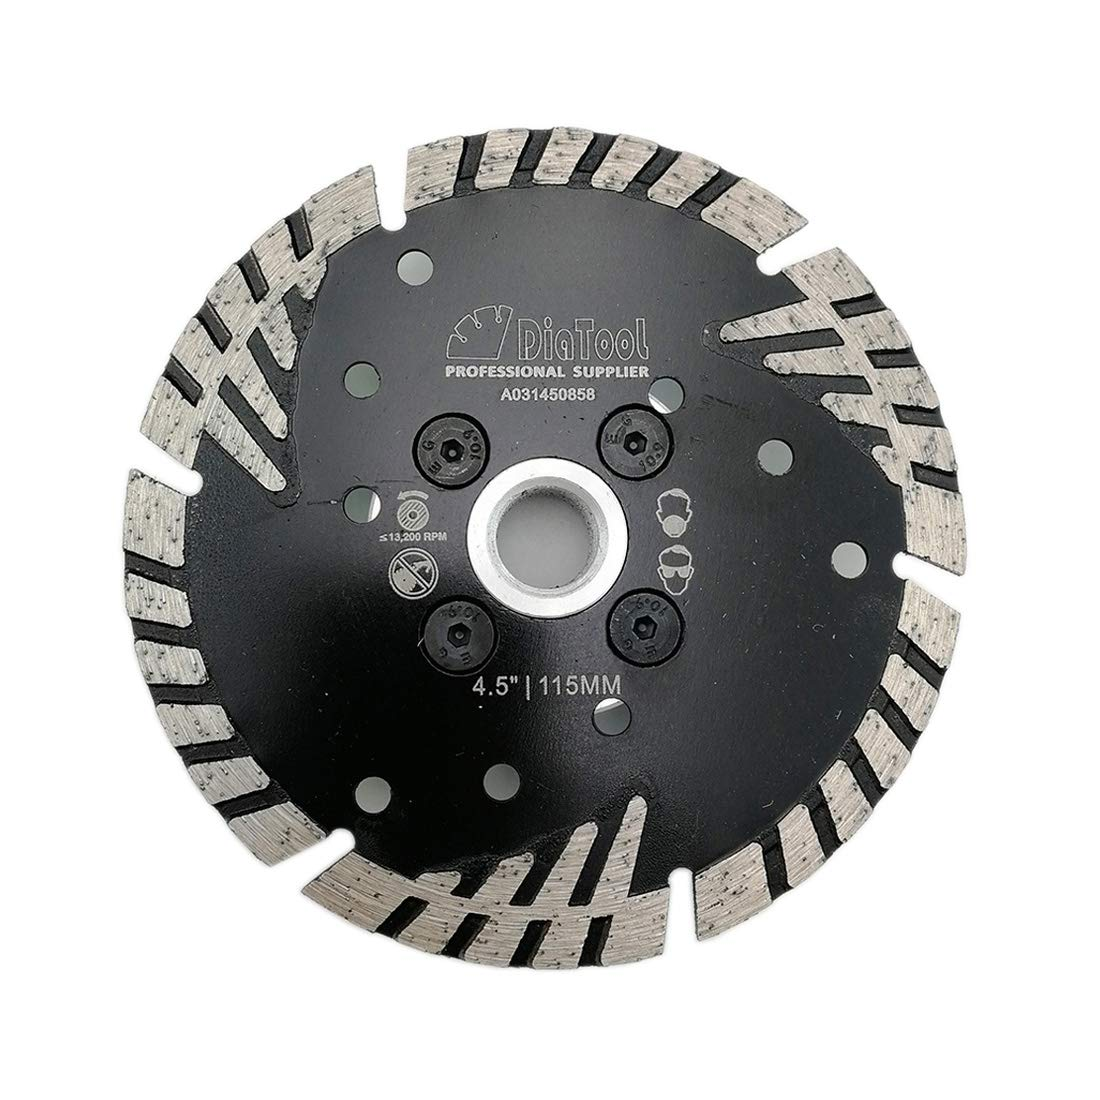 Disco de Diamante SHDIATOOL Diamante de hoja turbo 4.5 pulg. con dientes inclinados de protección Corte de piedra Granit